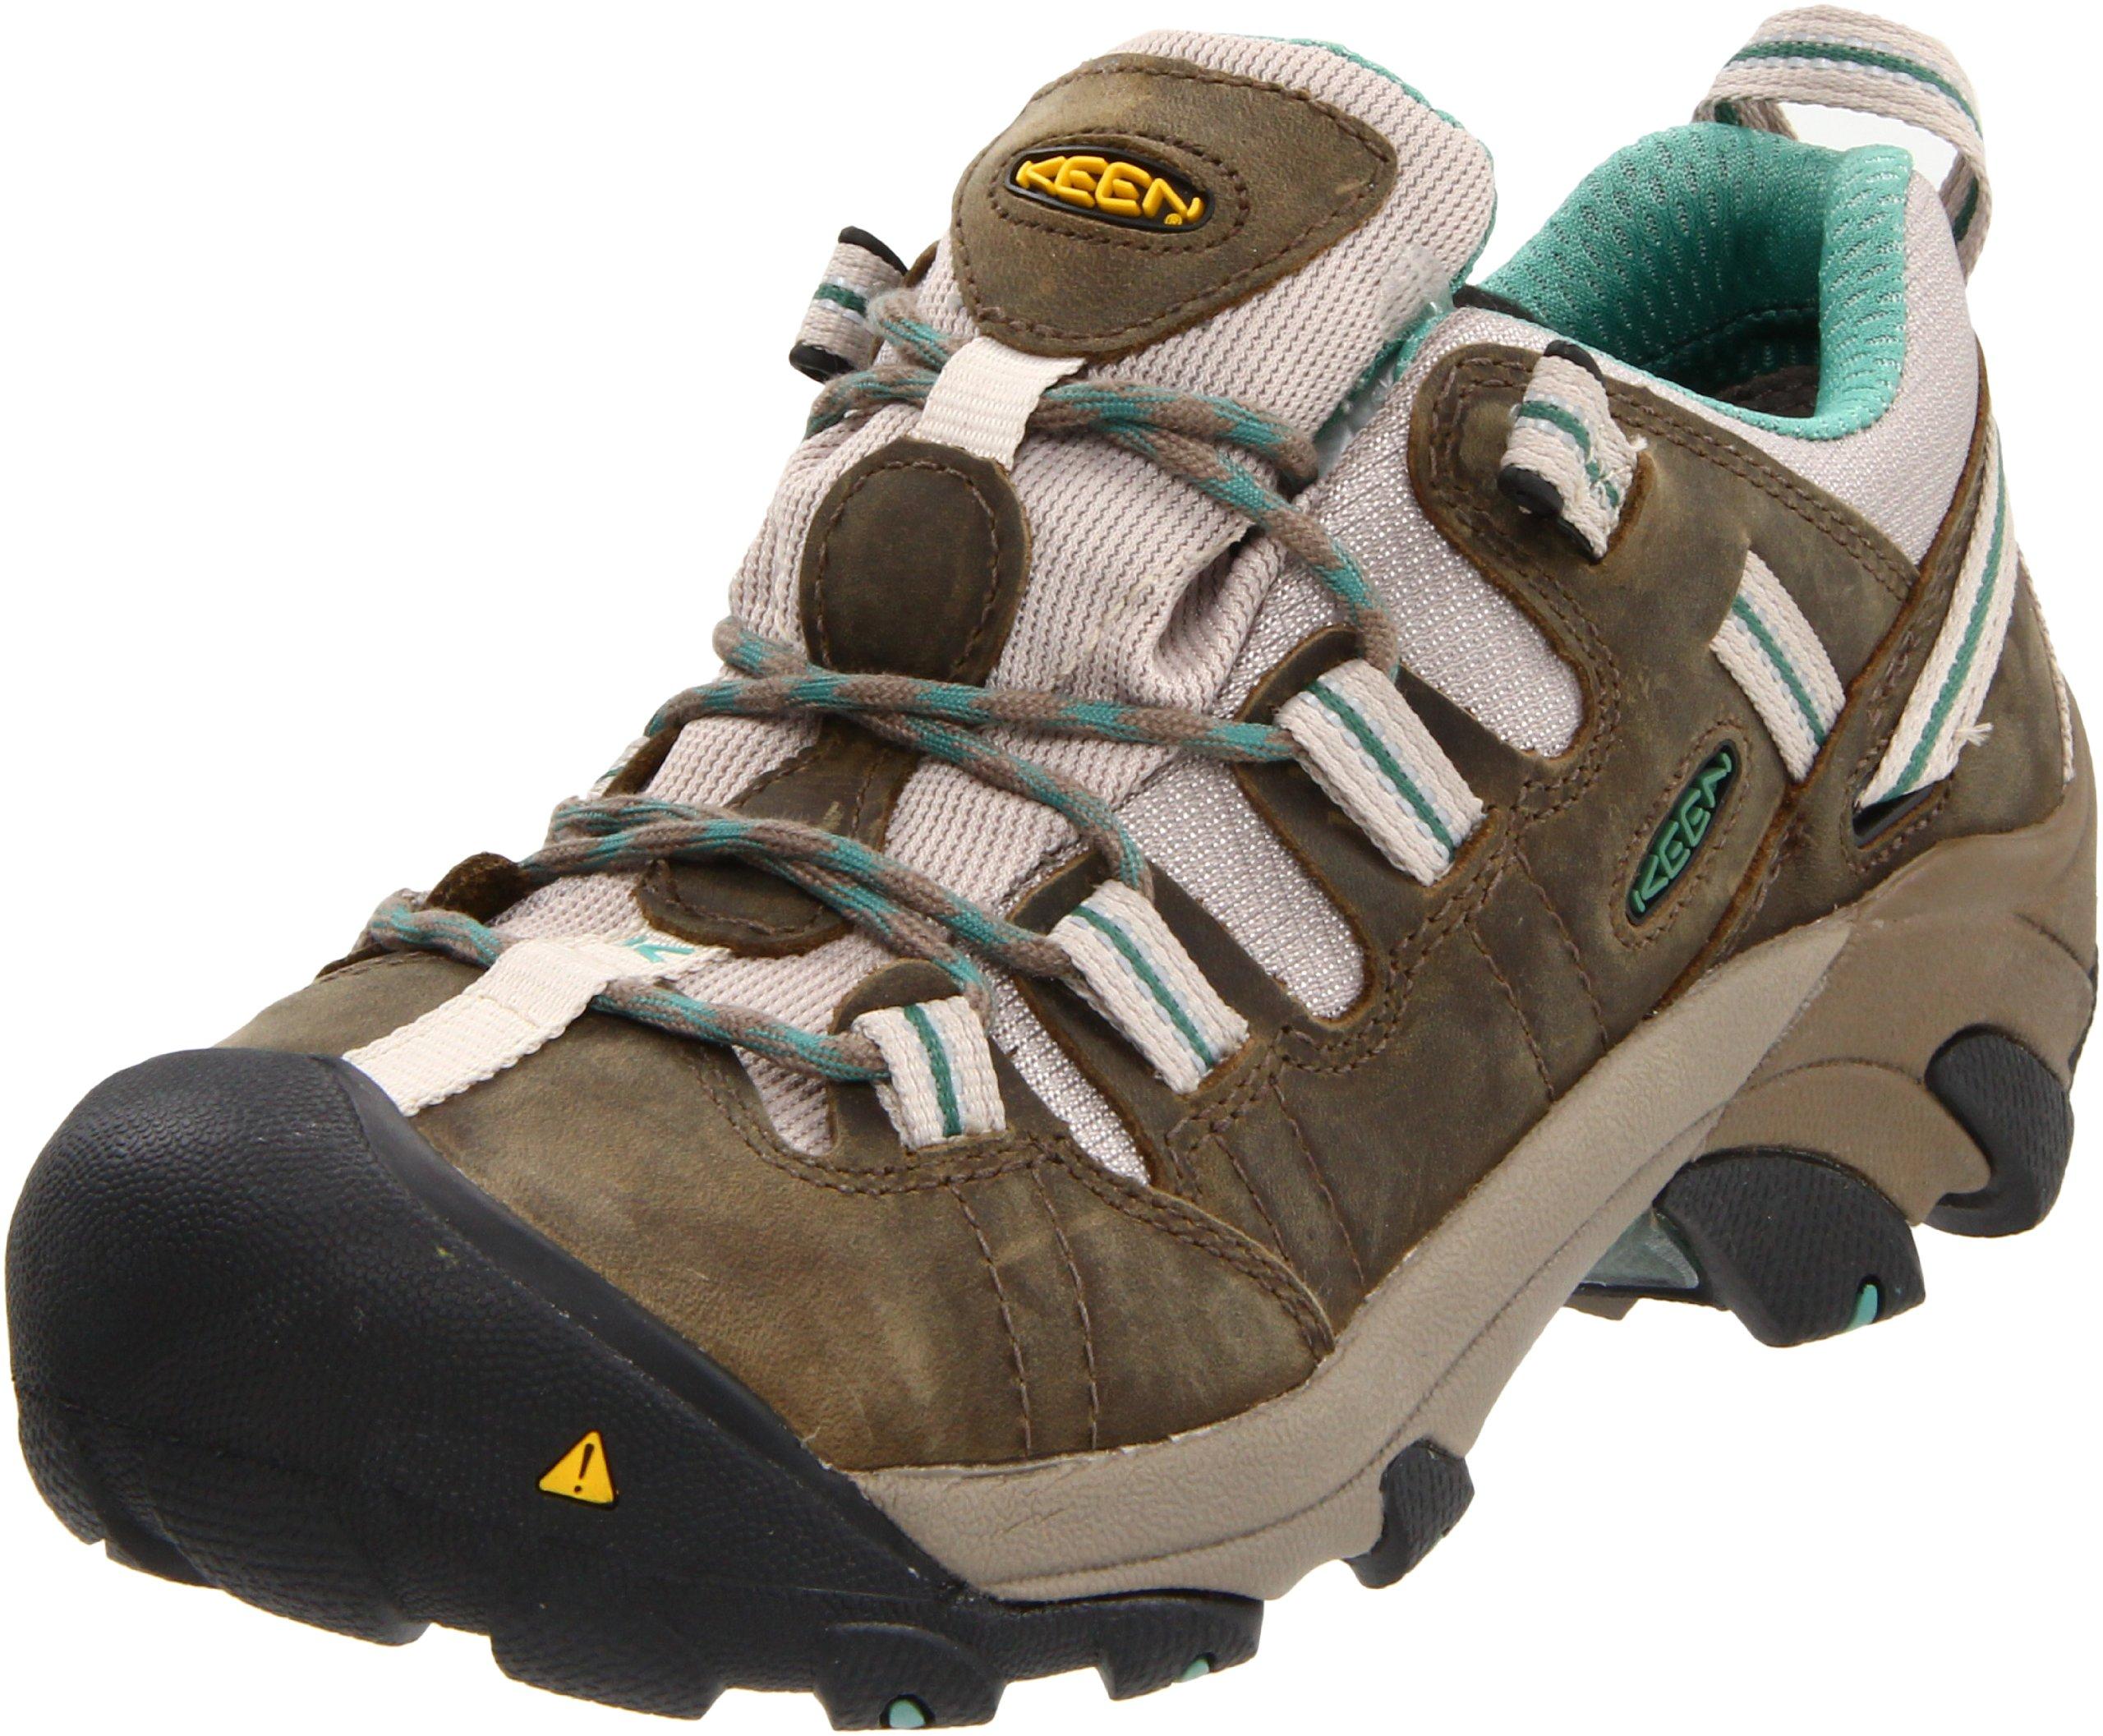 KEEN Utility Women's Detroit Low Steel Toe Work Shoe,Brindle/Deep Sea,5 W US